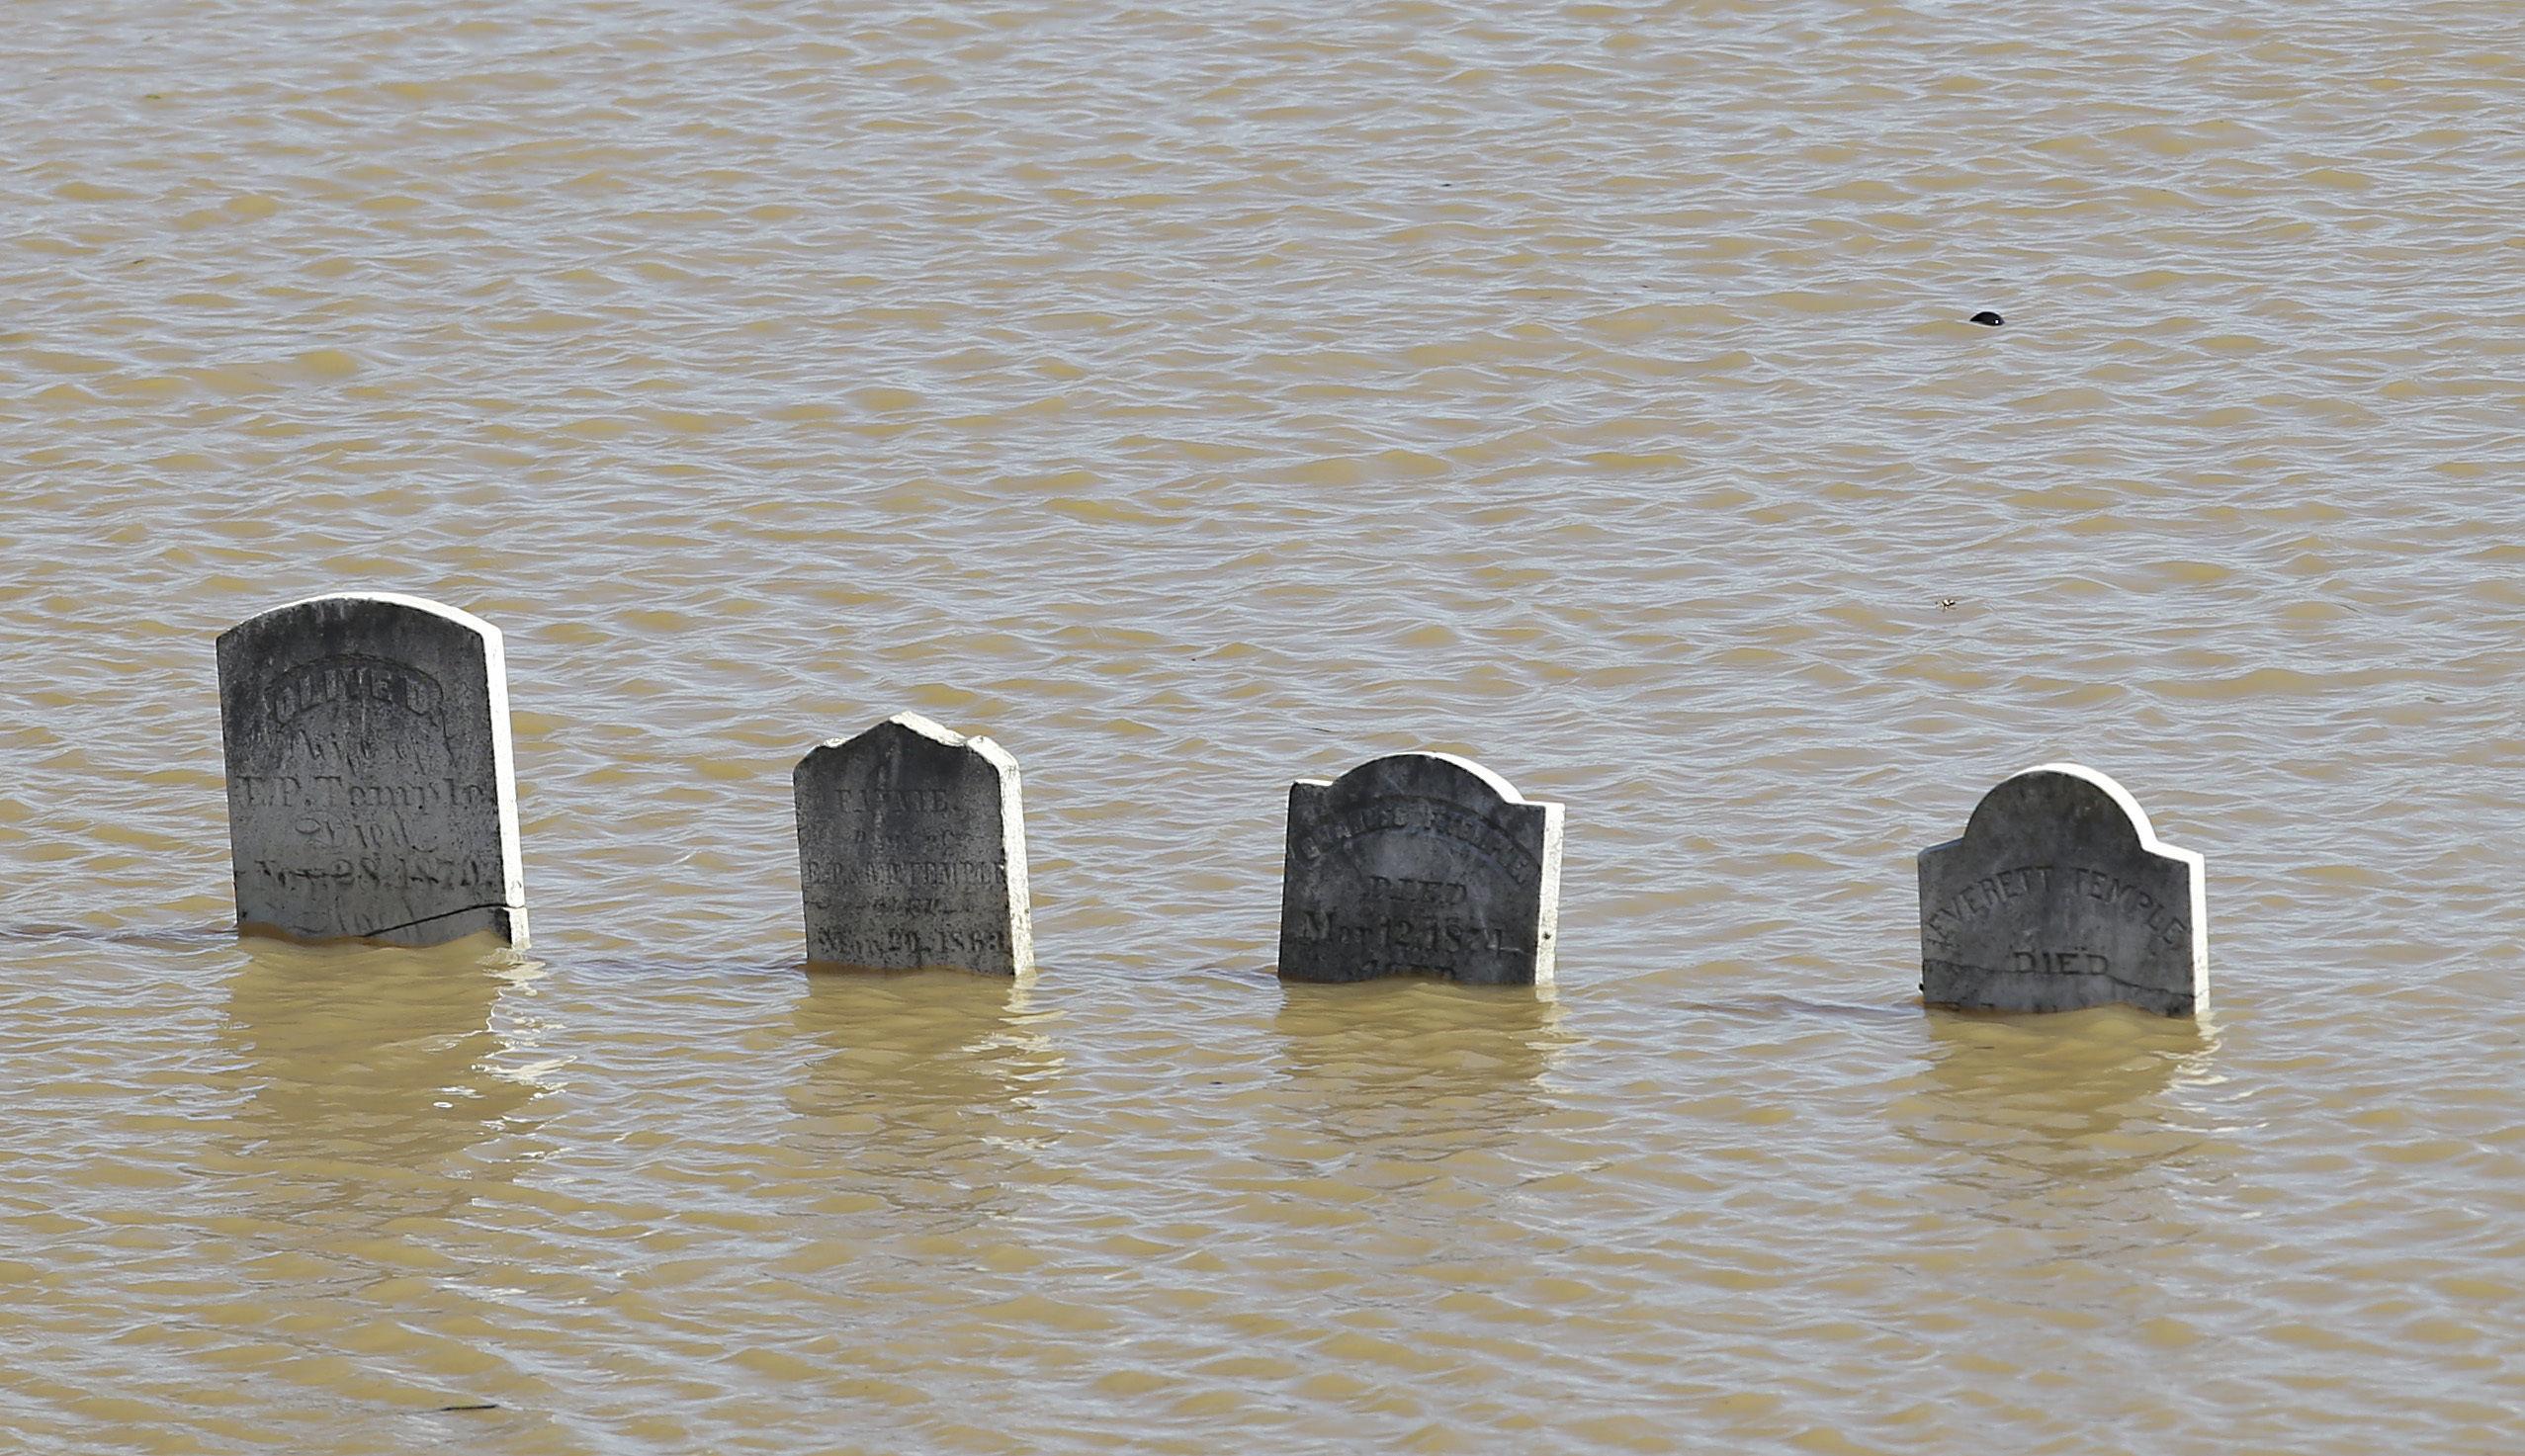 Varias lápidas se asoman en la superficie tras una inundación en el cementerio Marysville en Marysville, California, el sábado 11 de febrero de 2017. La inundación del cementerio provino del río Feather. Las lluvias de varios días causaron el desbordamiento de ríos y obligaron a que se utilizara por primera vez un aliviadero de emergencia en la presa de Oroville. (AP Foto/Rich Pedroncelli)